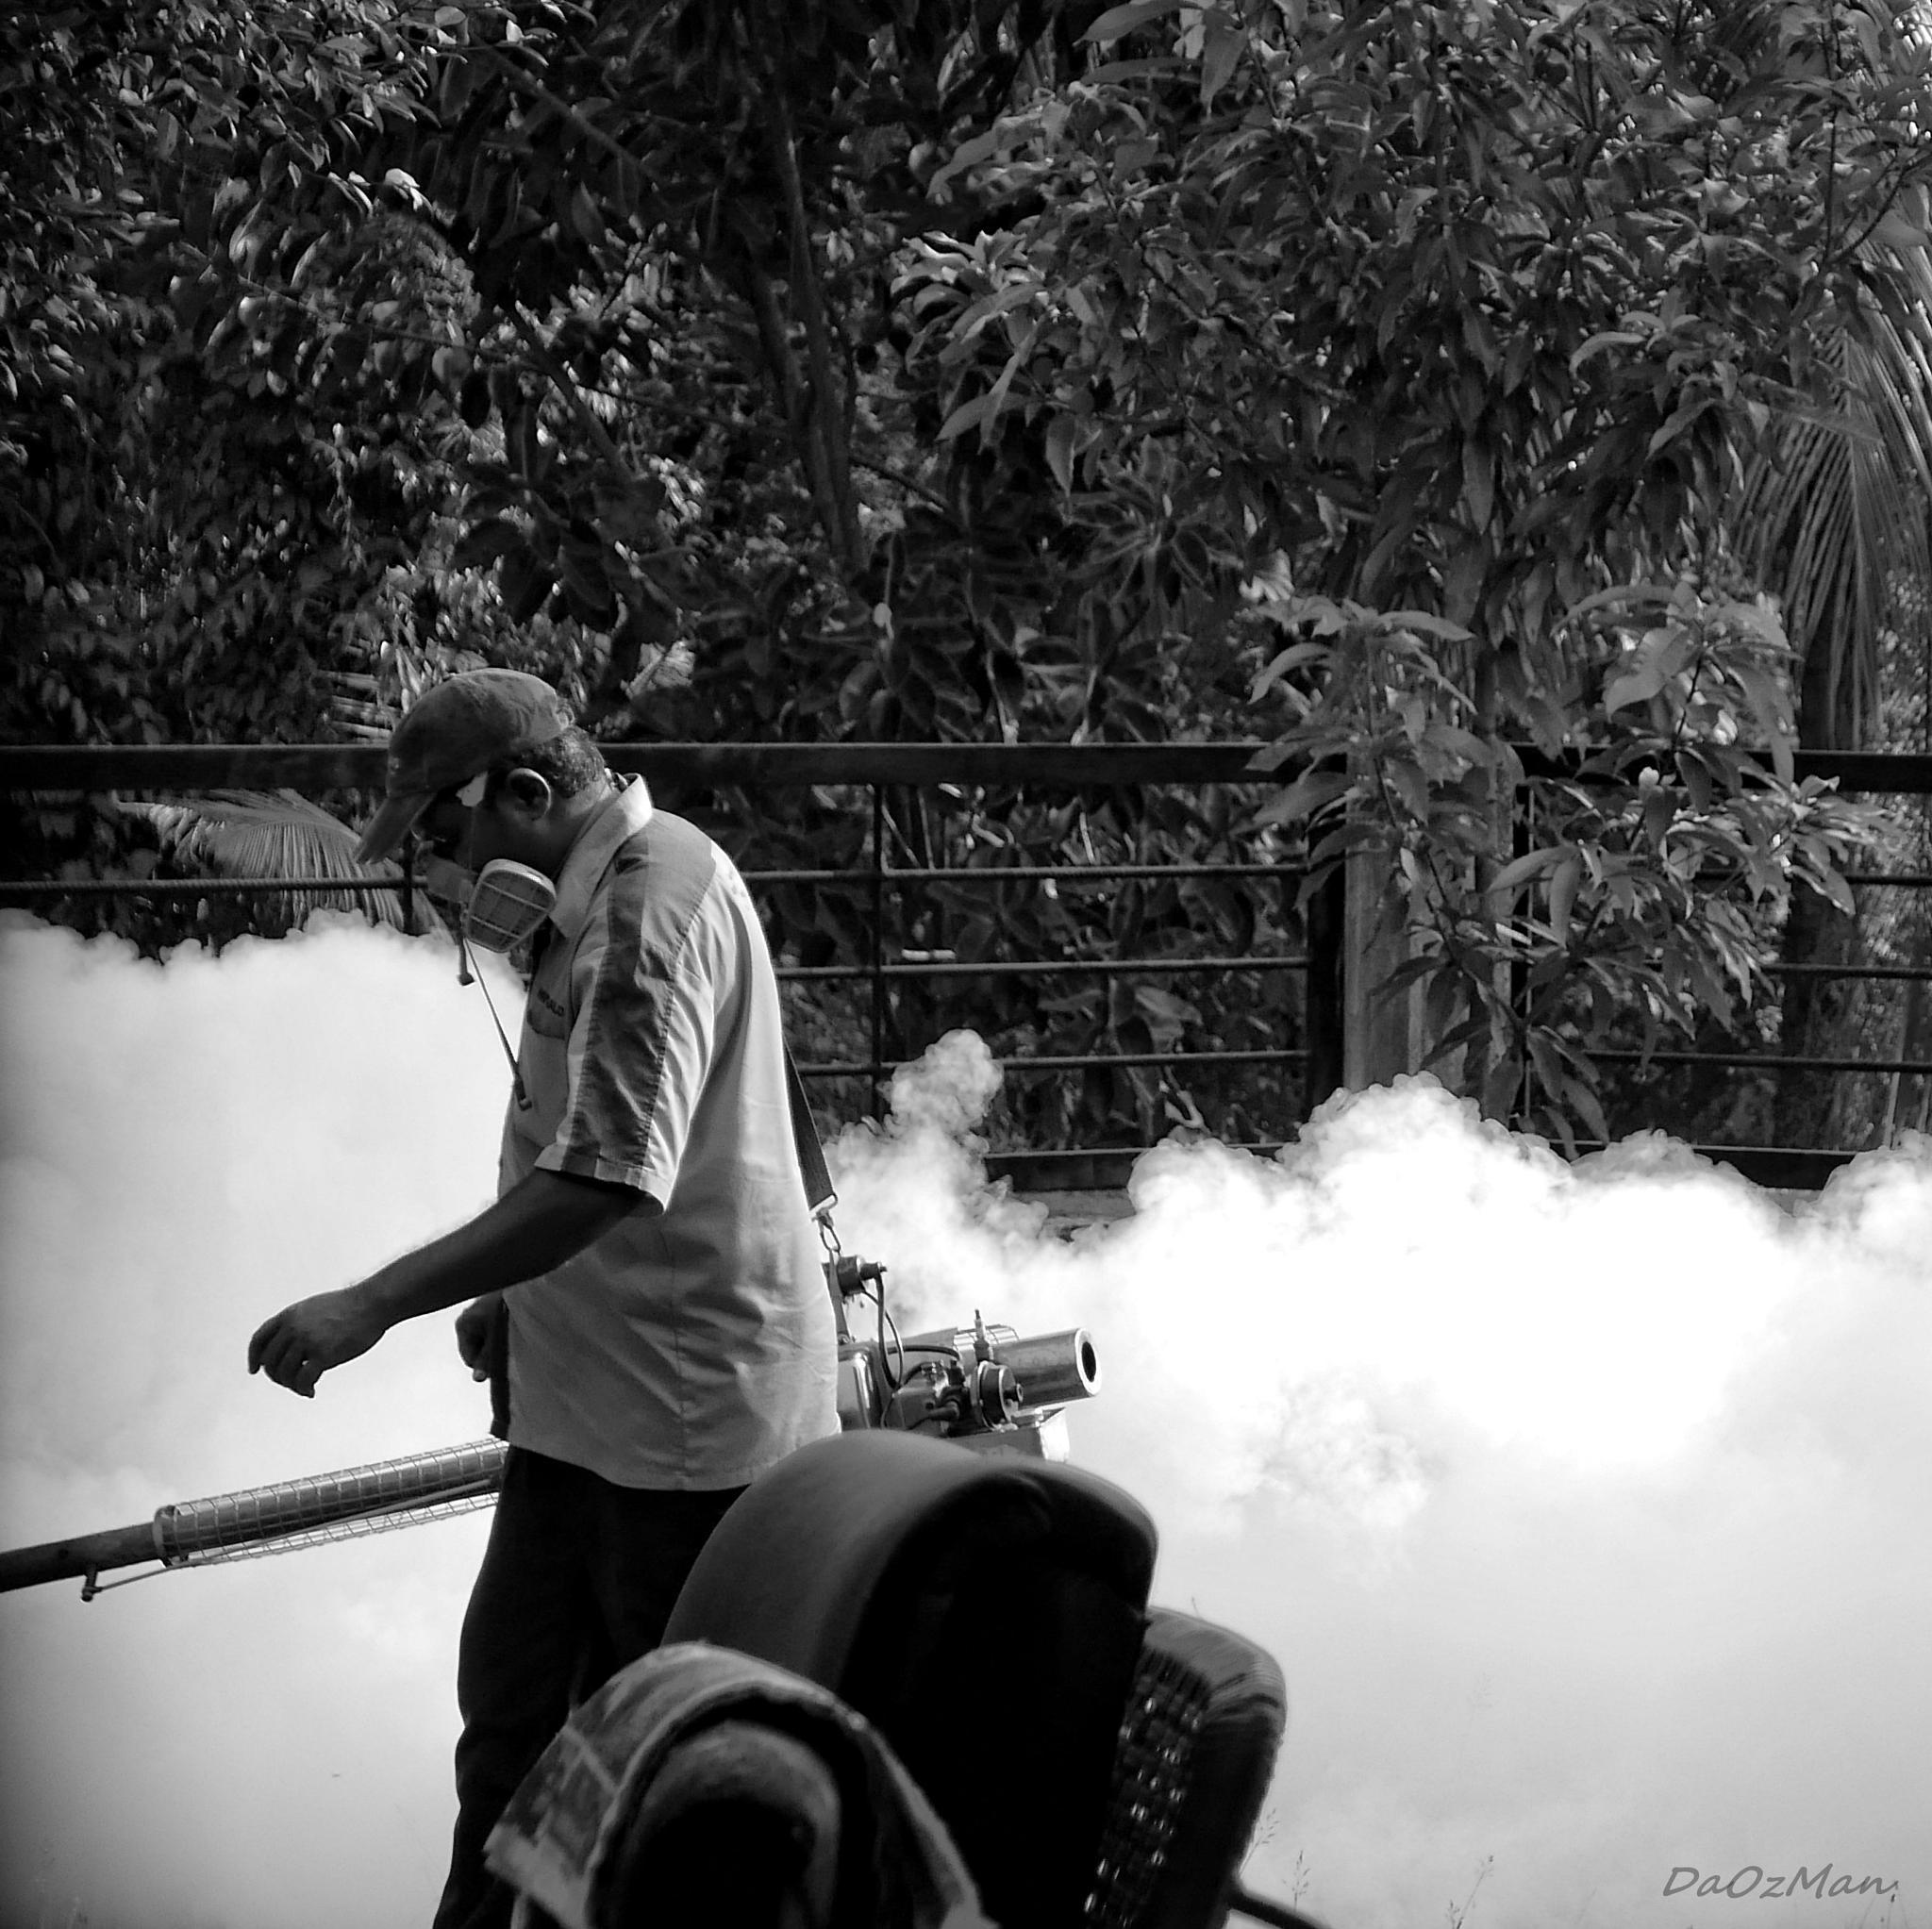 Fogging by DaOzMan